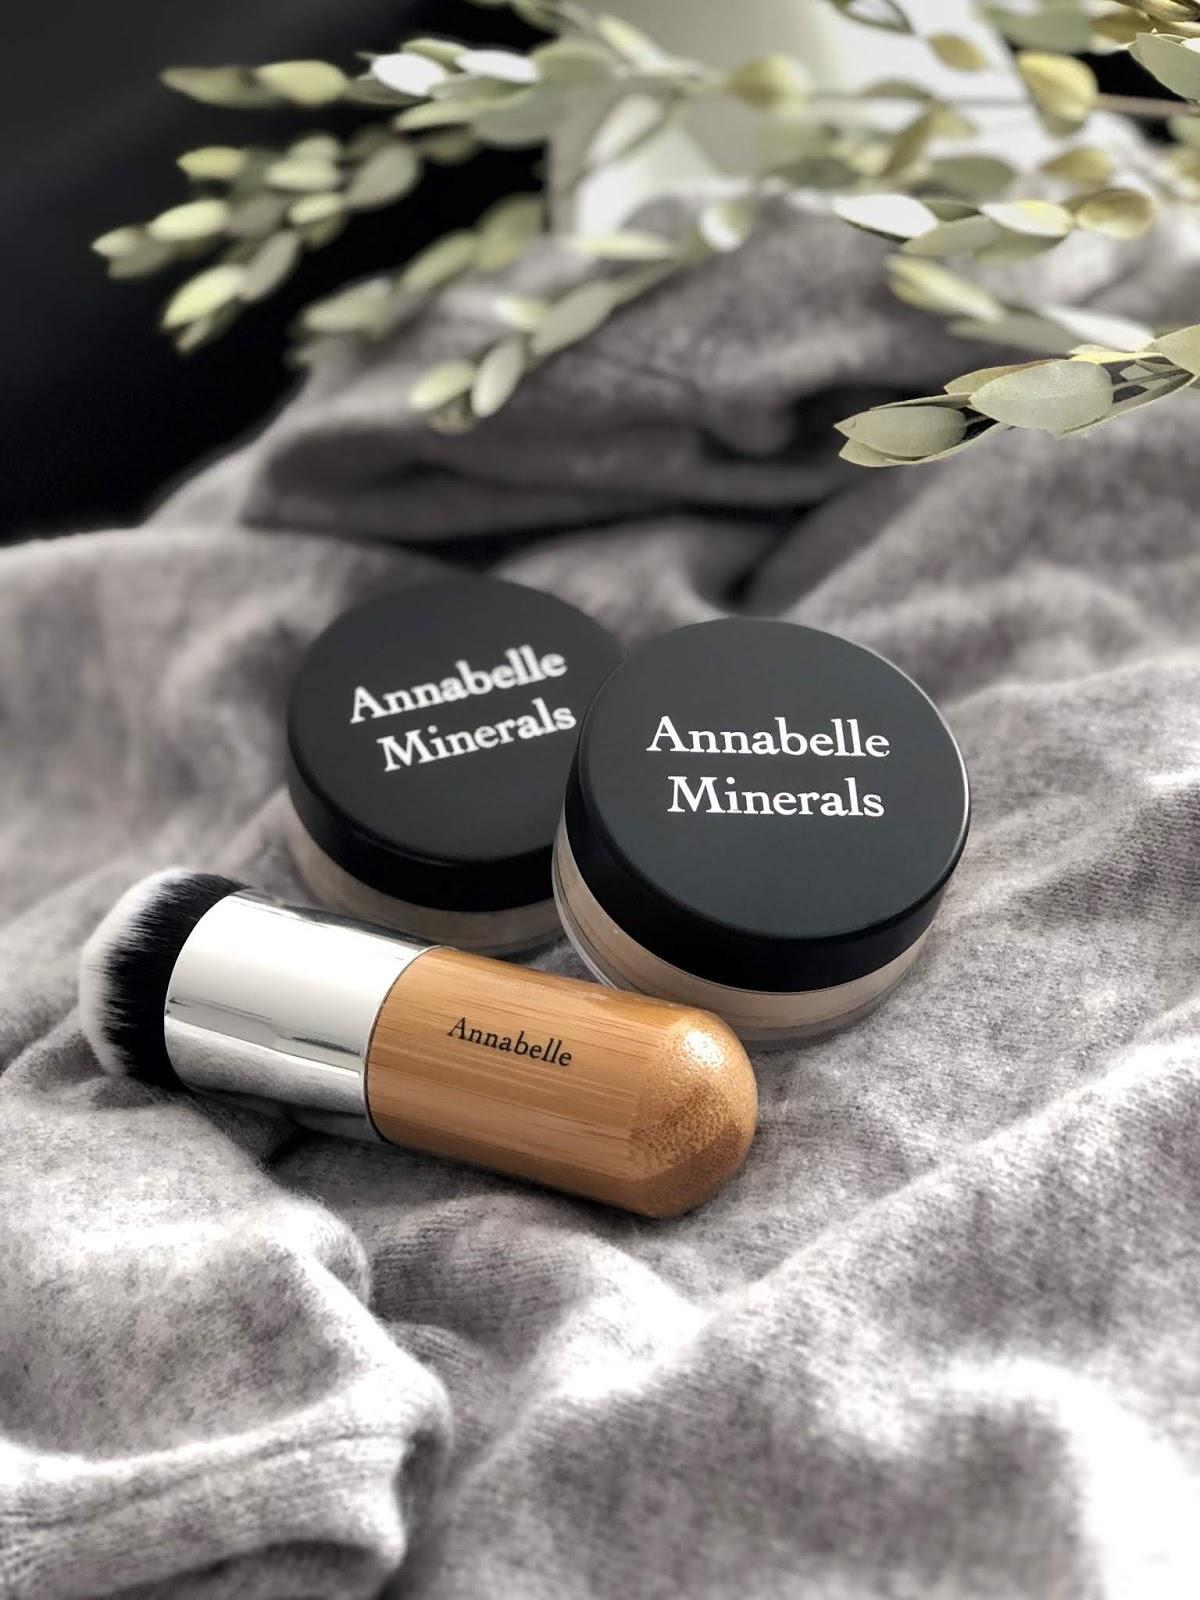 annebelle-minerals-opinie